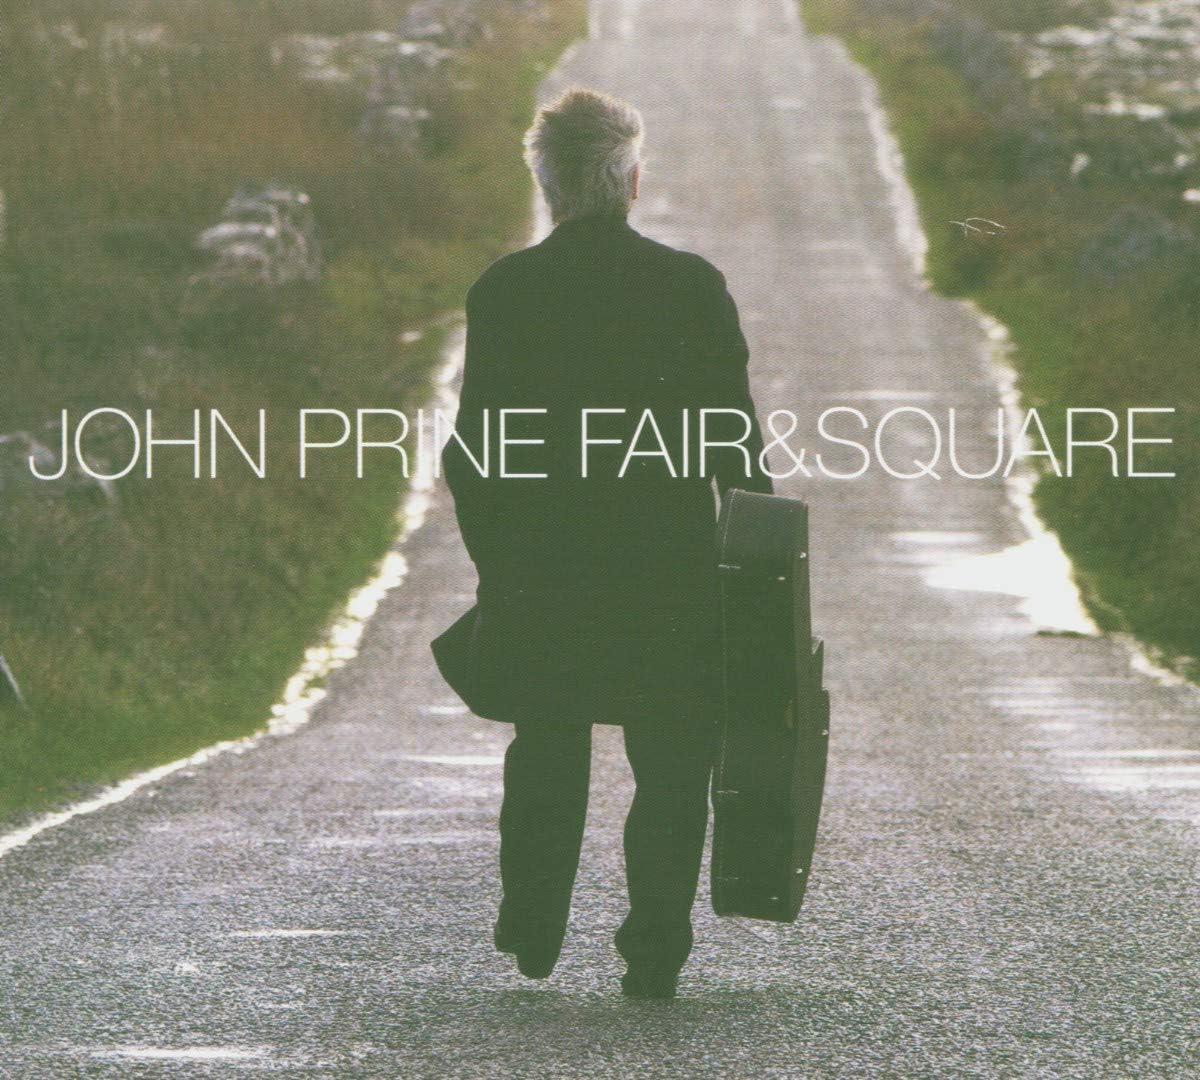 Fair & Square: Amazon.co.uk: Music